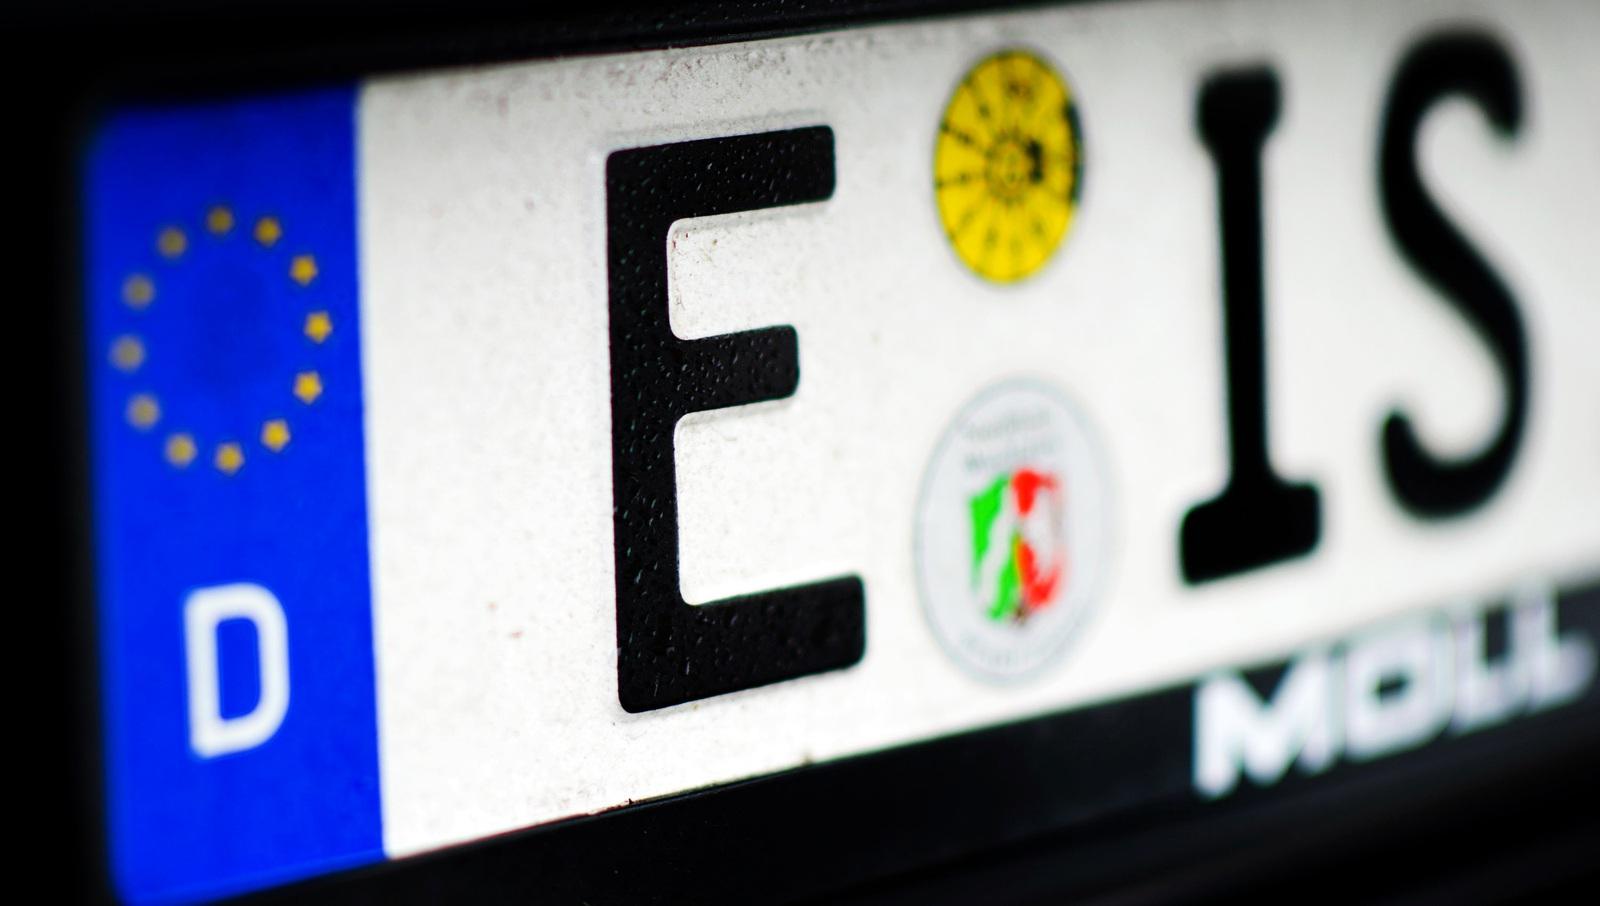 Kfz-Kennzeichen machen Autofahrer glücklich? | Auto